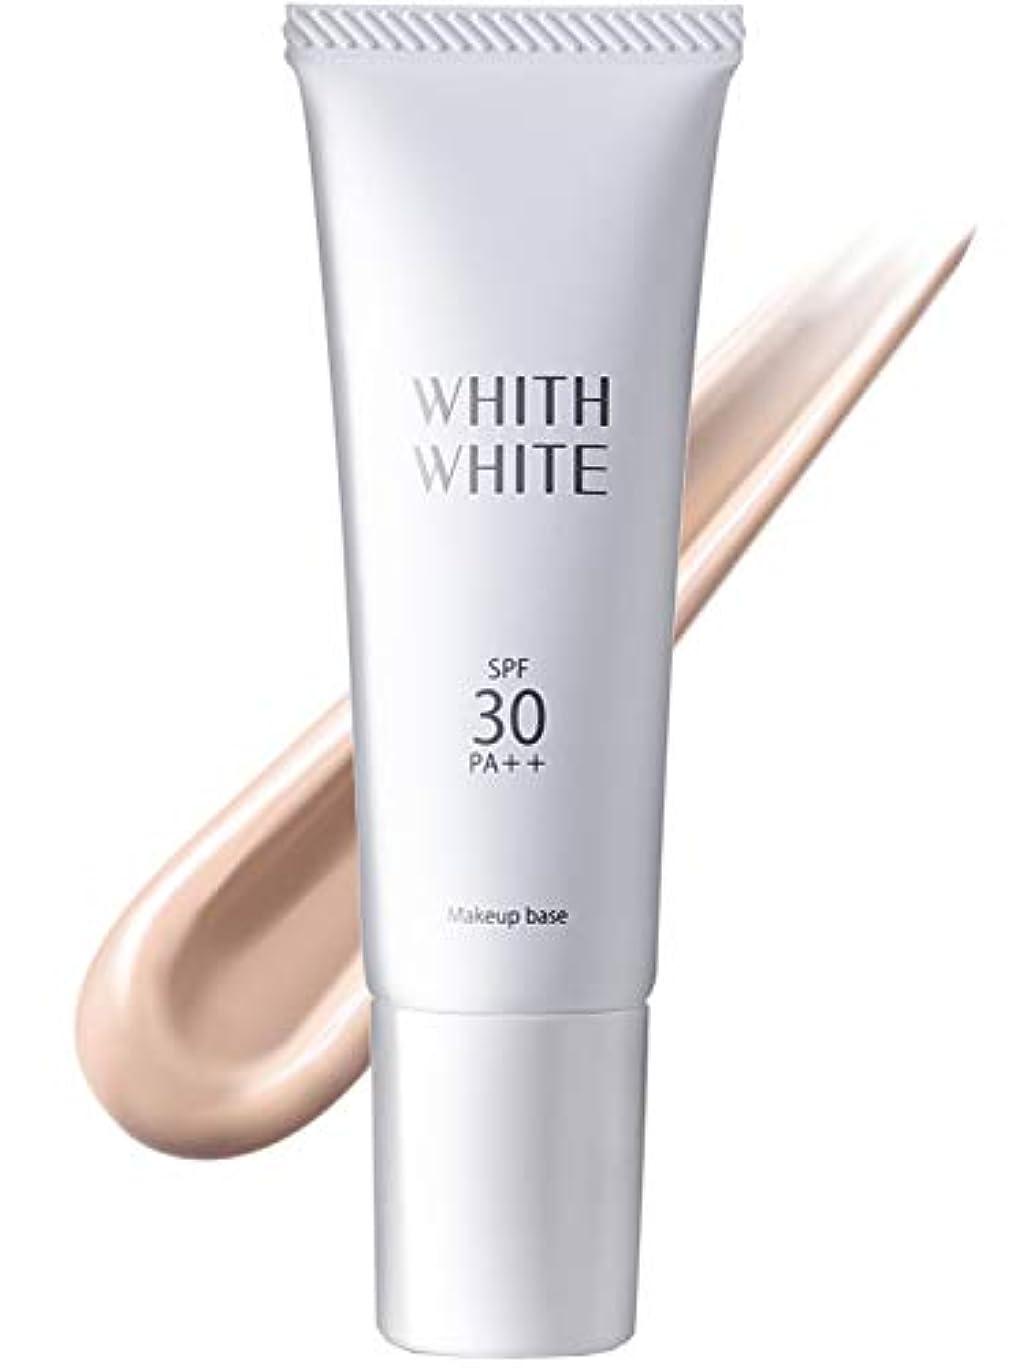 揃える自体つらいBBクリーム 化粧下地 医薬部外品 フィス 美白 「 ニキビ しわ 毛穴 皮膚テカリ 」「 ヒアルロン酸 プラセンタ 配合 」「 美白 と 保湿 のW獲り 」25g